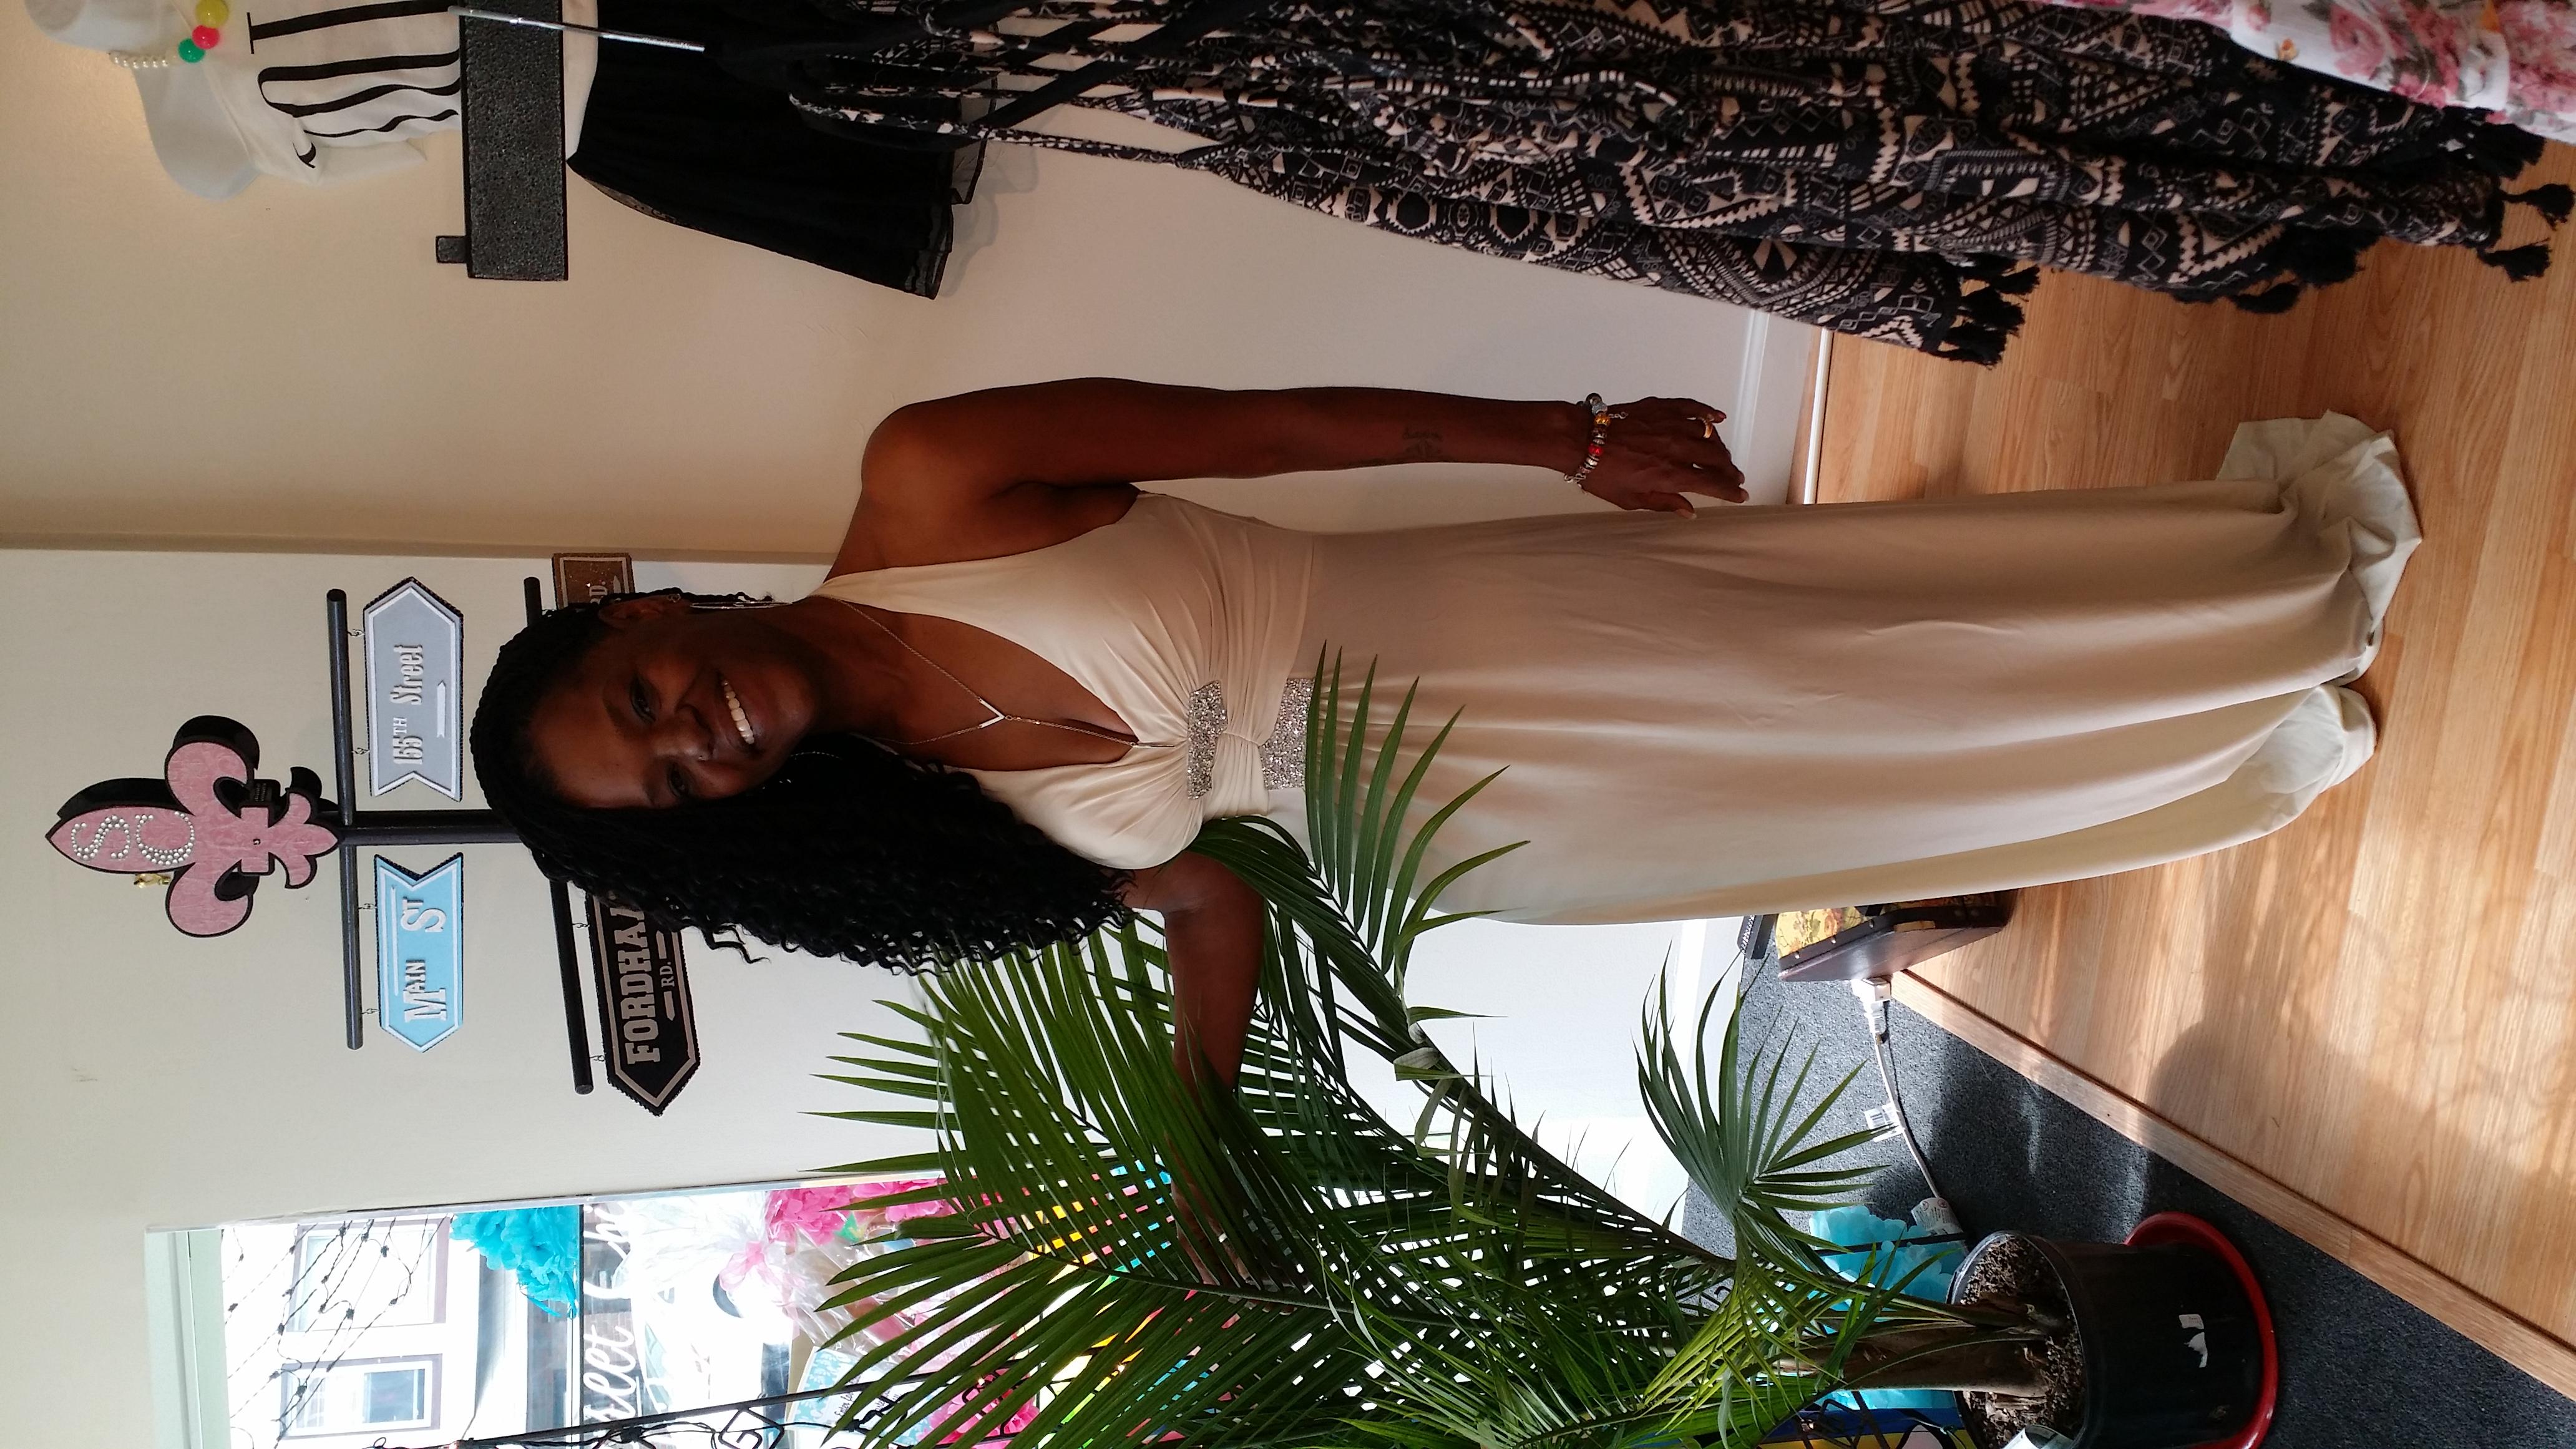 Kim beige gown